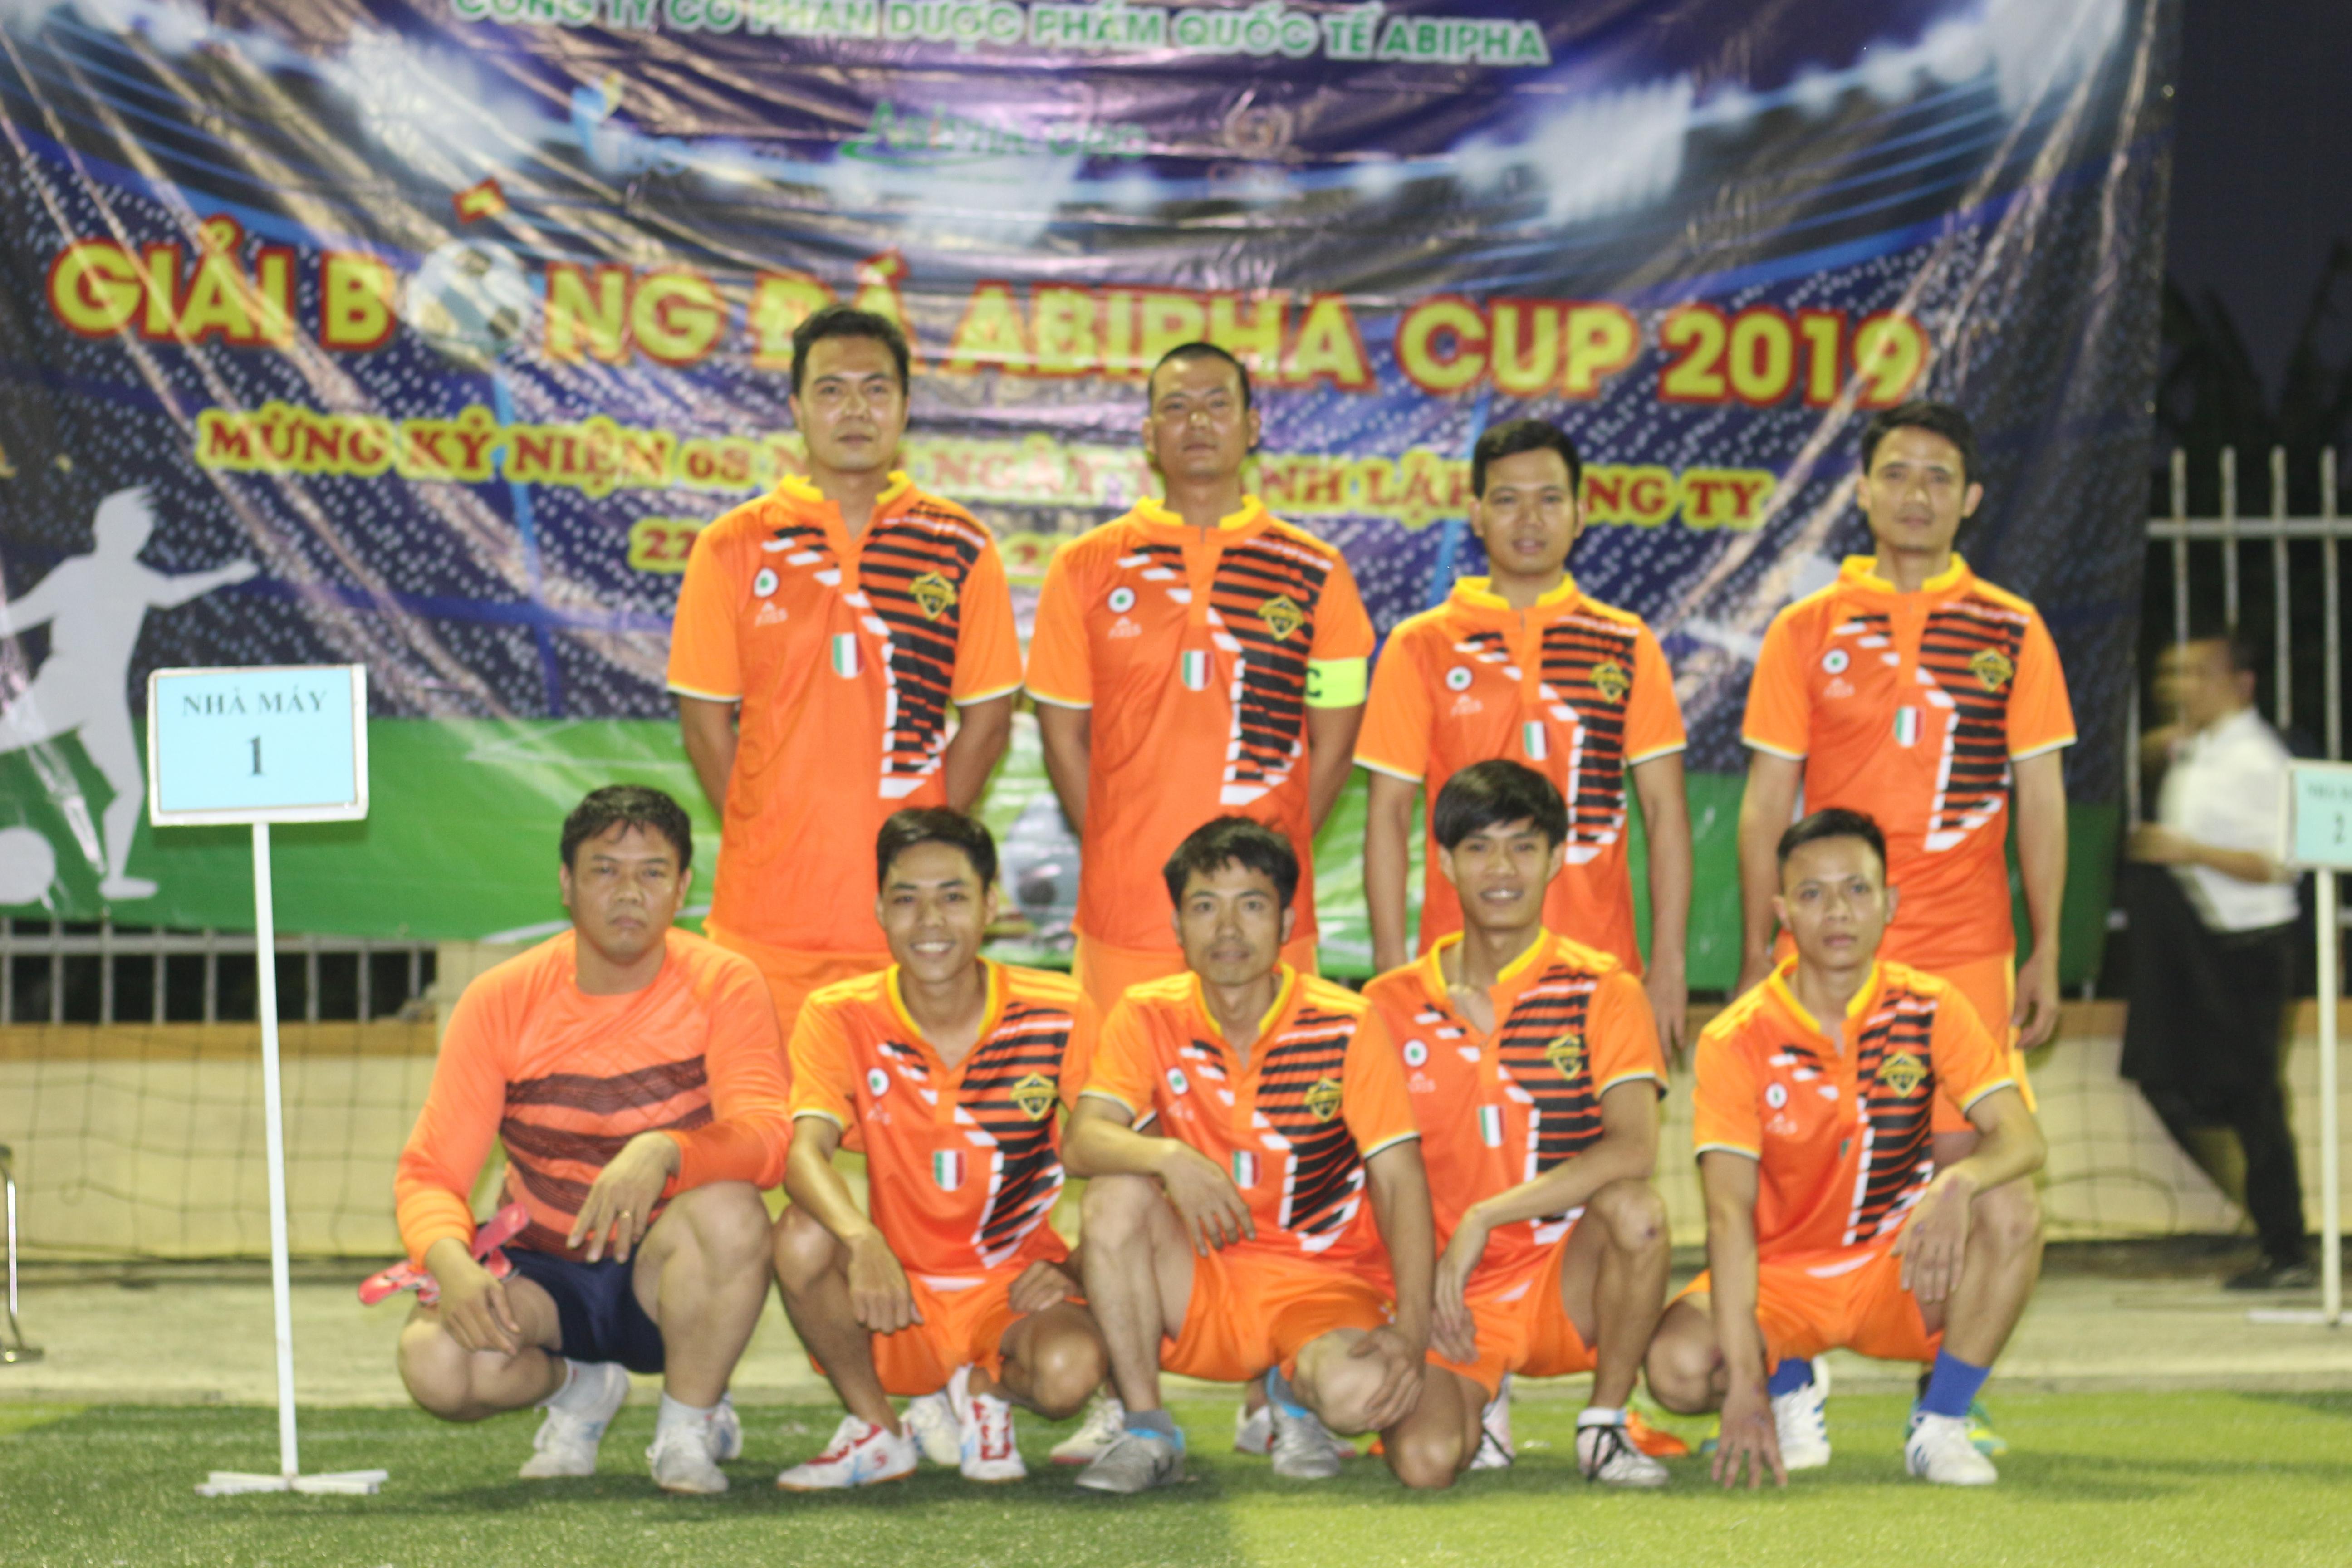 Khai mạc giải bóng đá Abipha Cup 2019 cực kỳ sôi động